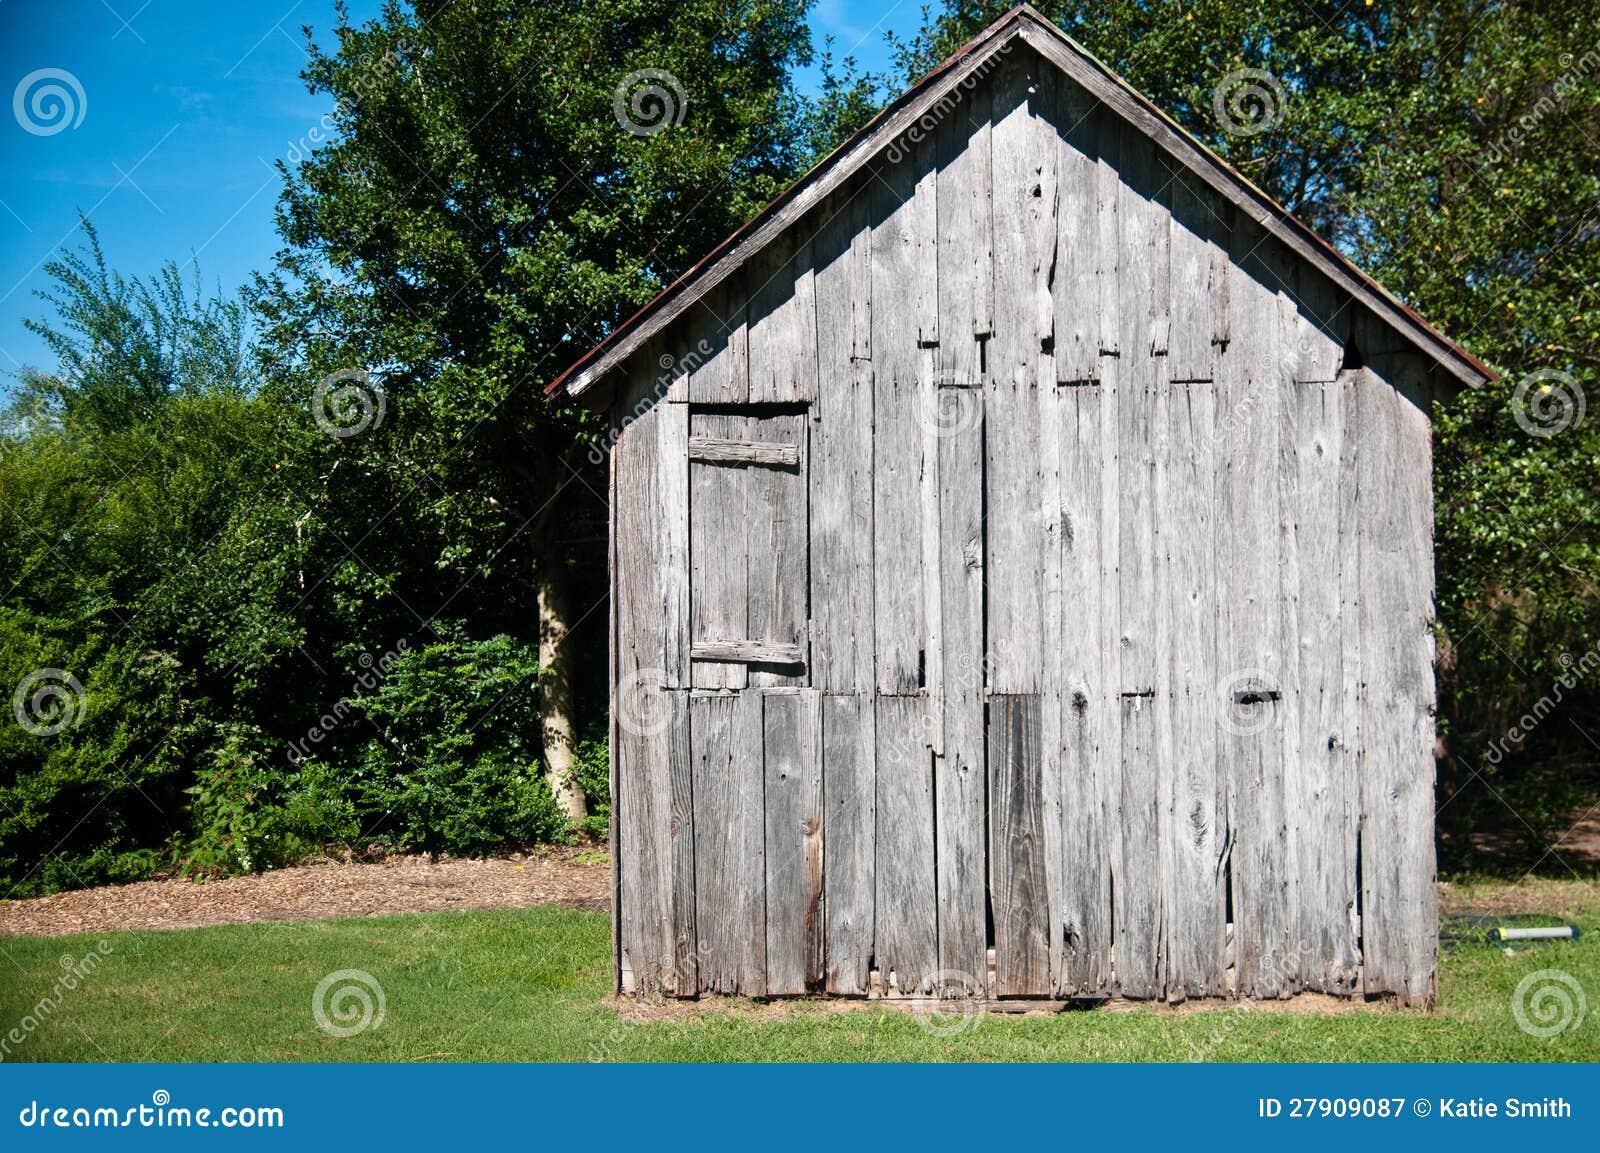 Vintage Barn Vector